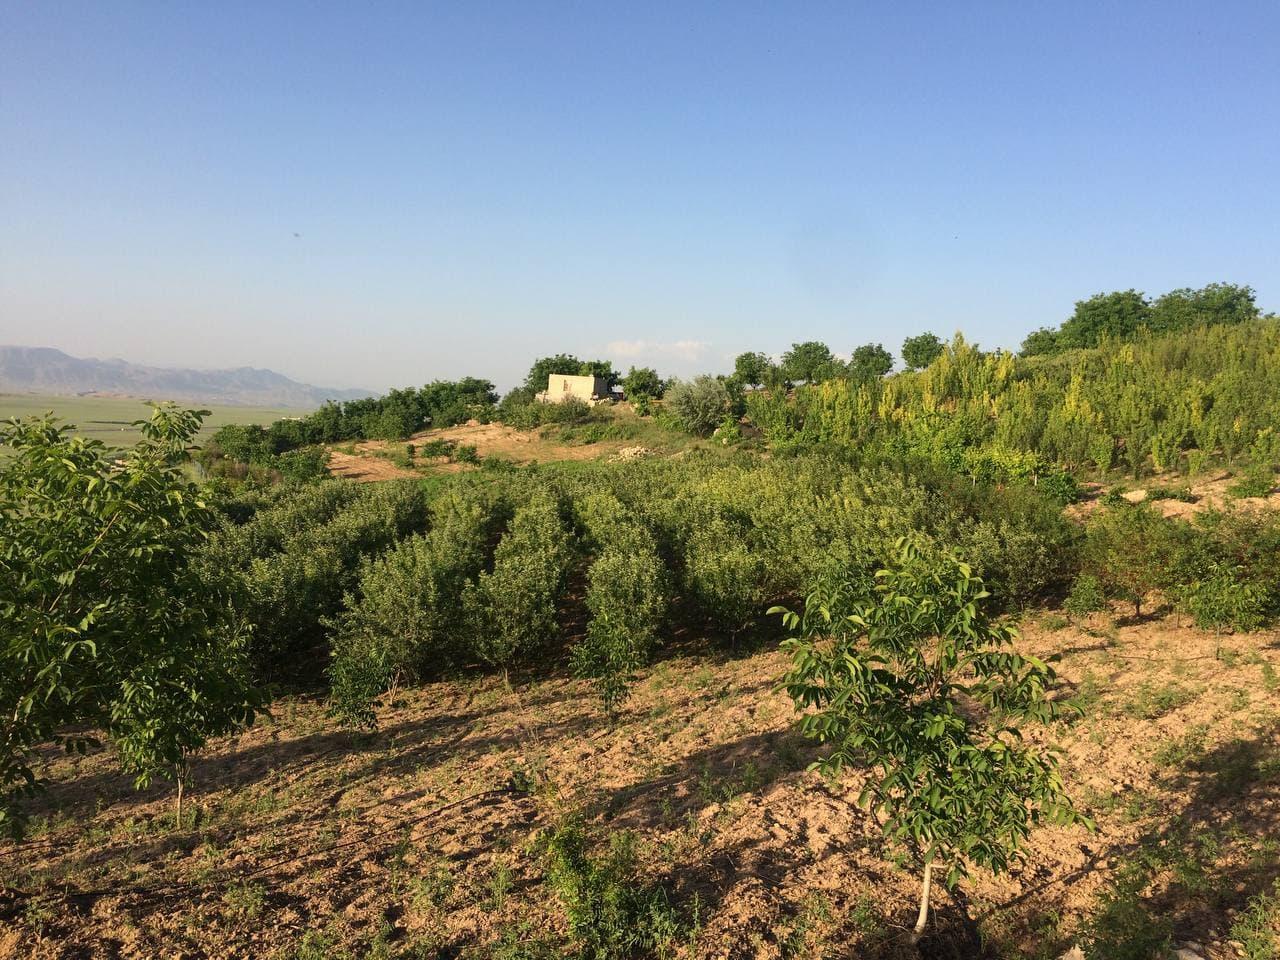 کارآفرینی از کشت گیاهان دارویی تا پرورش زنبور عسل ,خراسان شمالی+بجنورد+آزادگان+مانه و سملقان+باغدار+زنبوردار